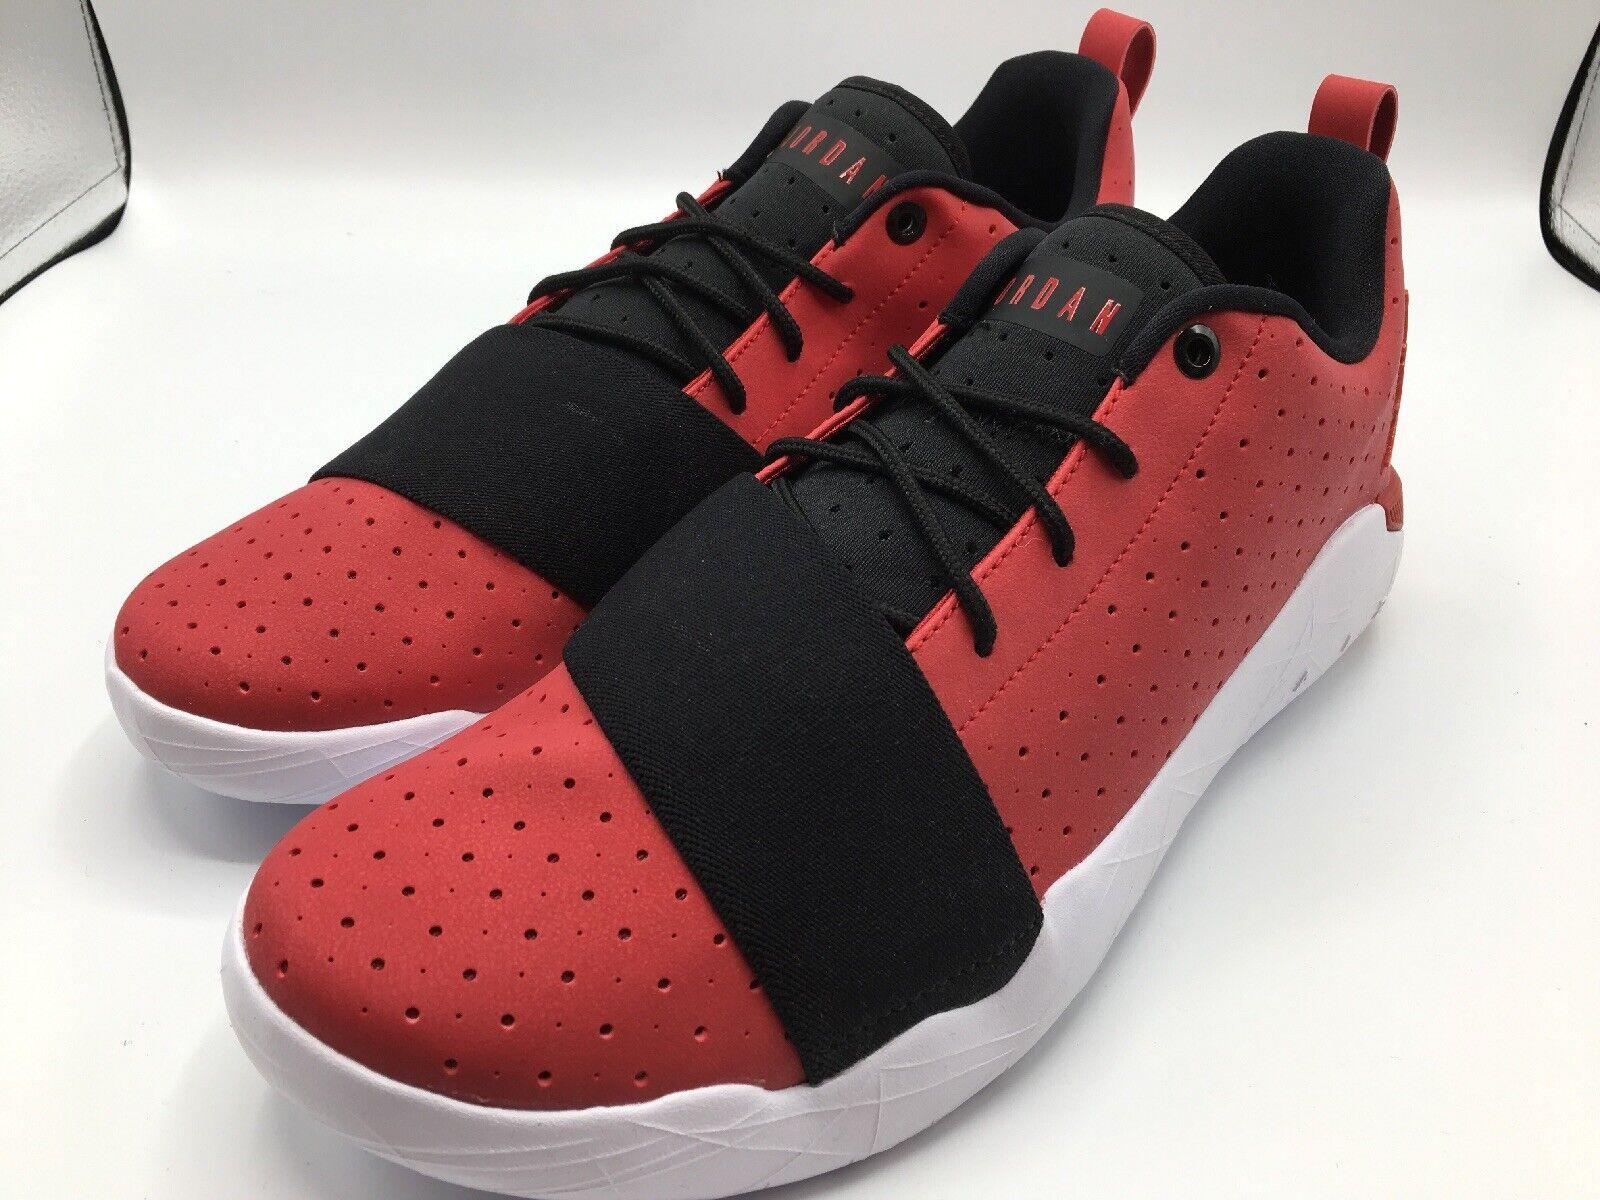 Nike air jordan.uomo numero 11 rosso   nero nero nero   bianco breakout palestra di nuovo 881449 601   Una Buona Reputazione Nel Mondo  40b779